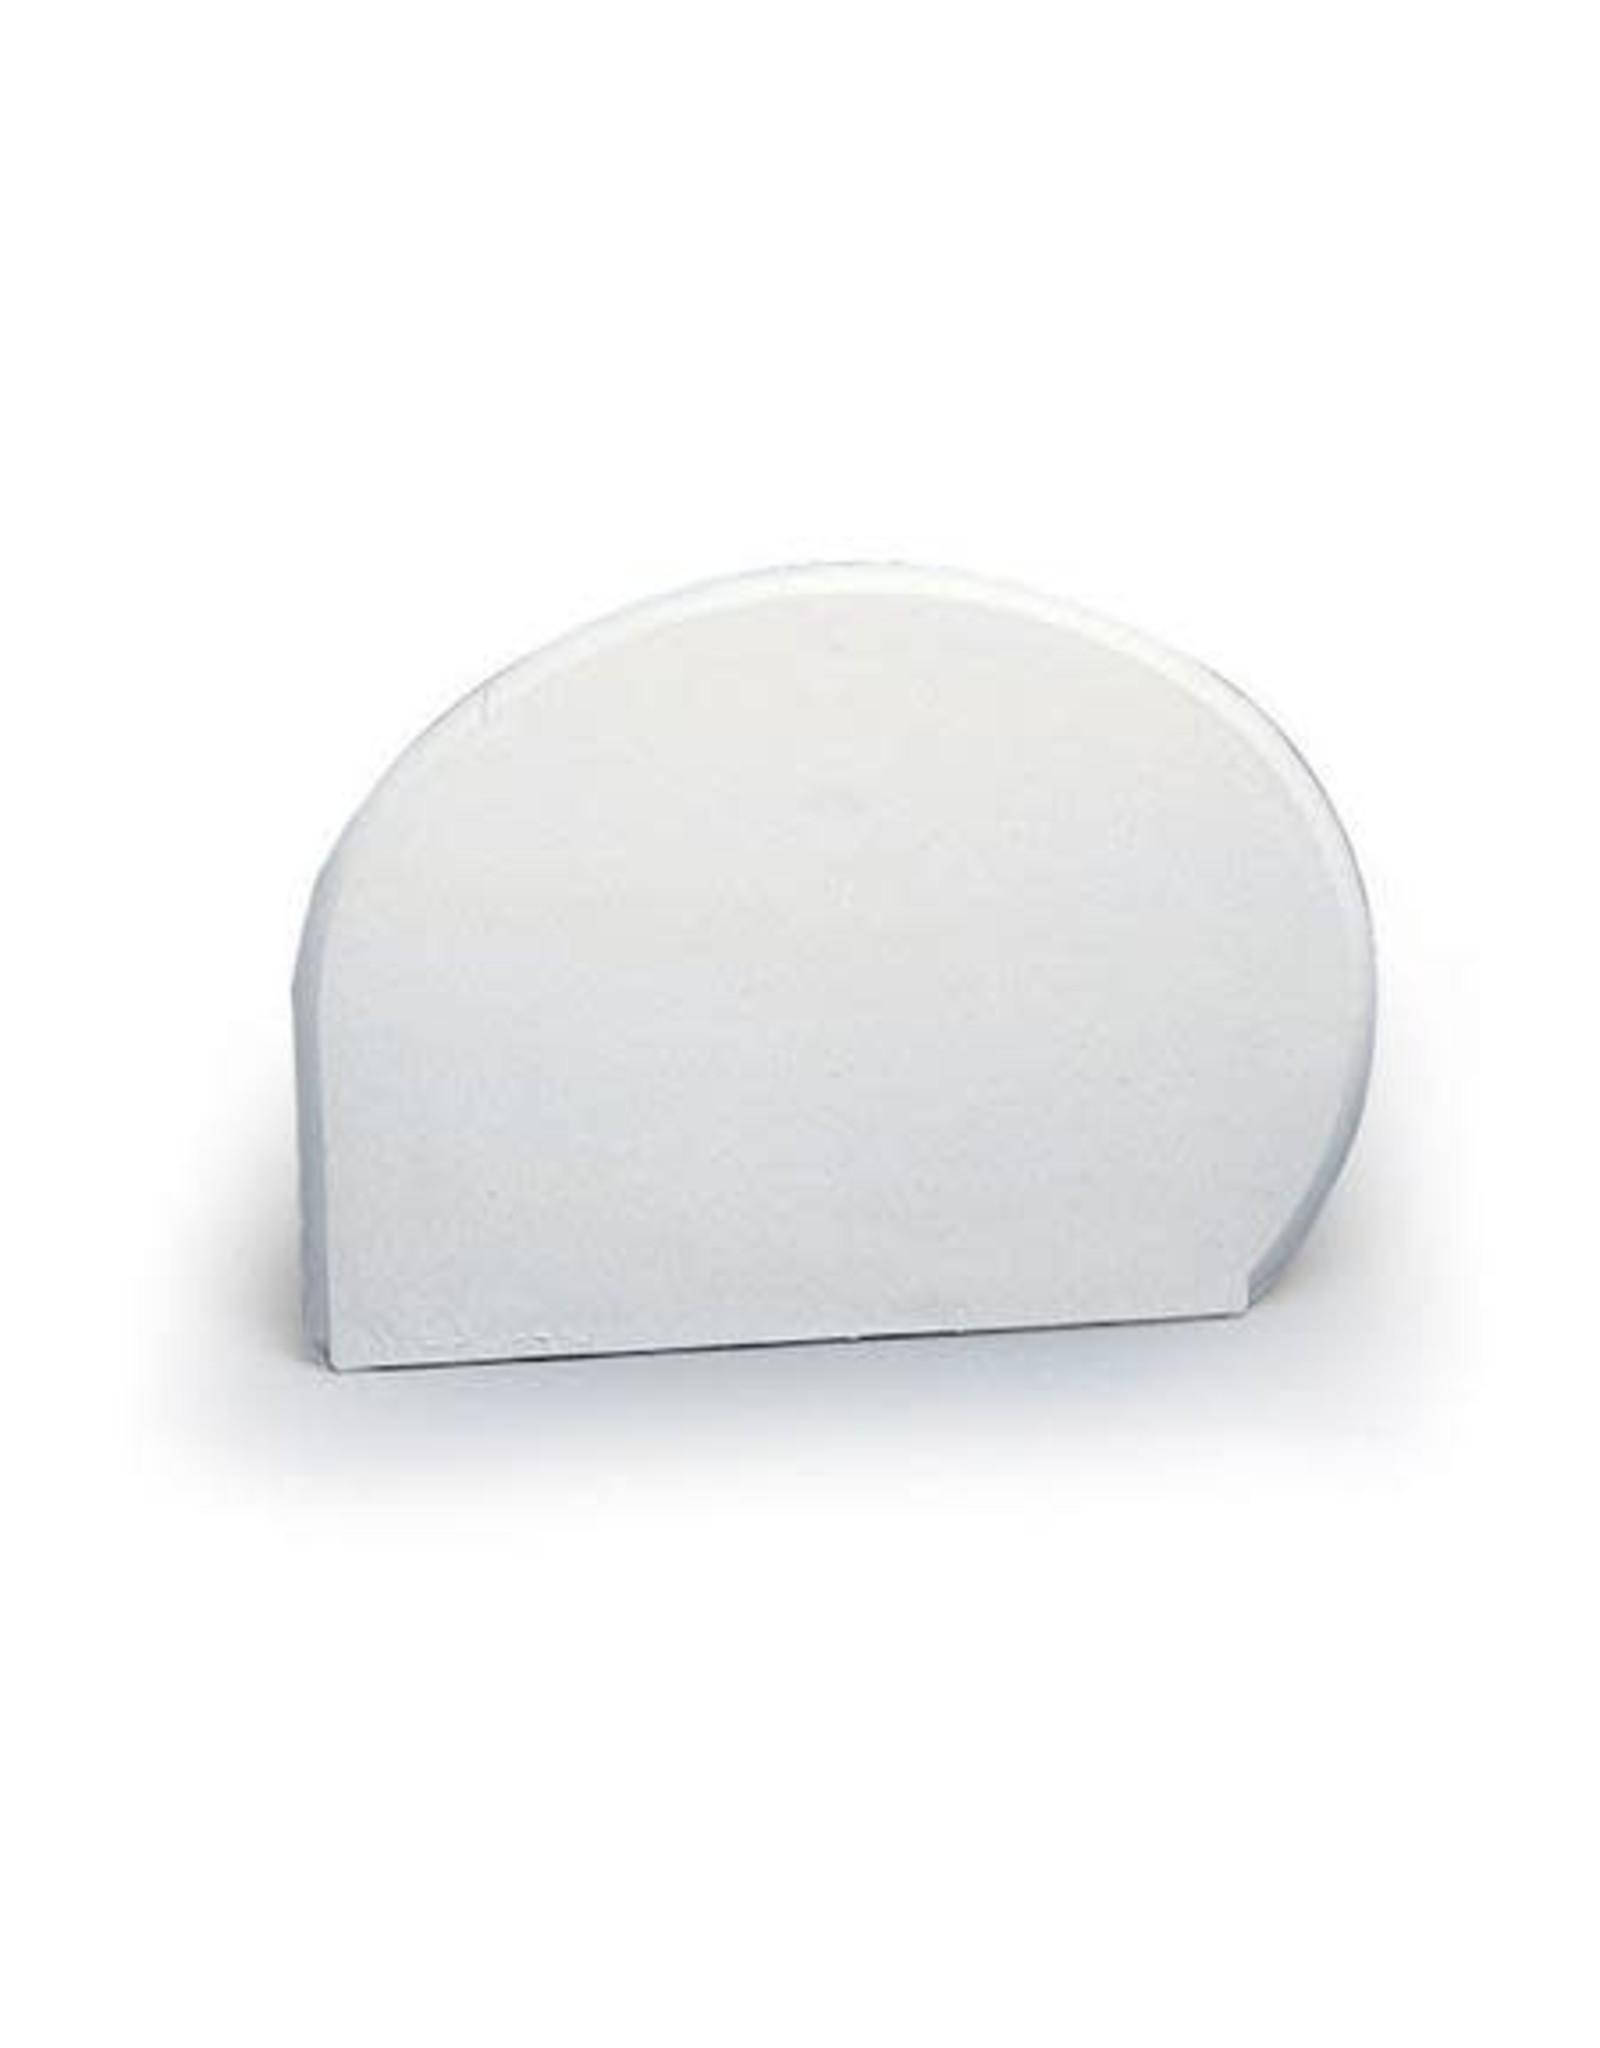 Martellato Deegschrapers kwartrond wit zacht 15x11cm